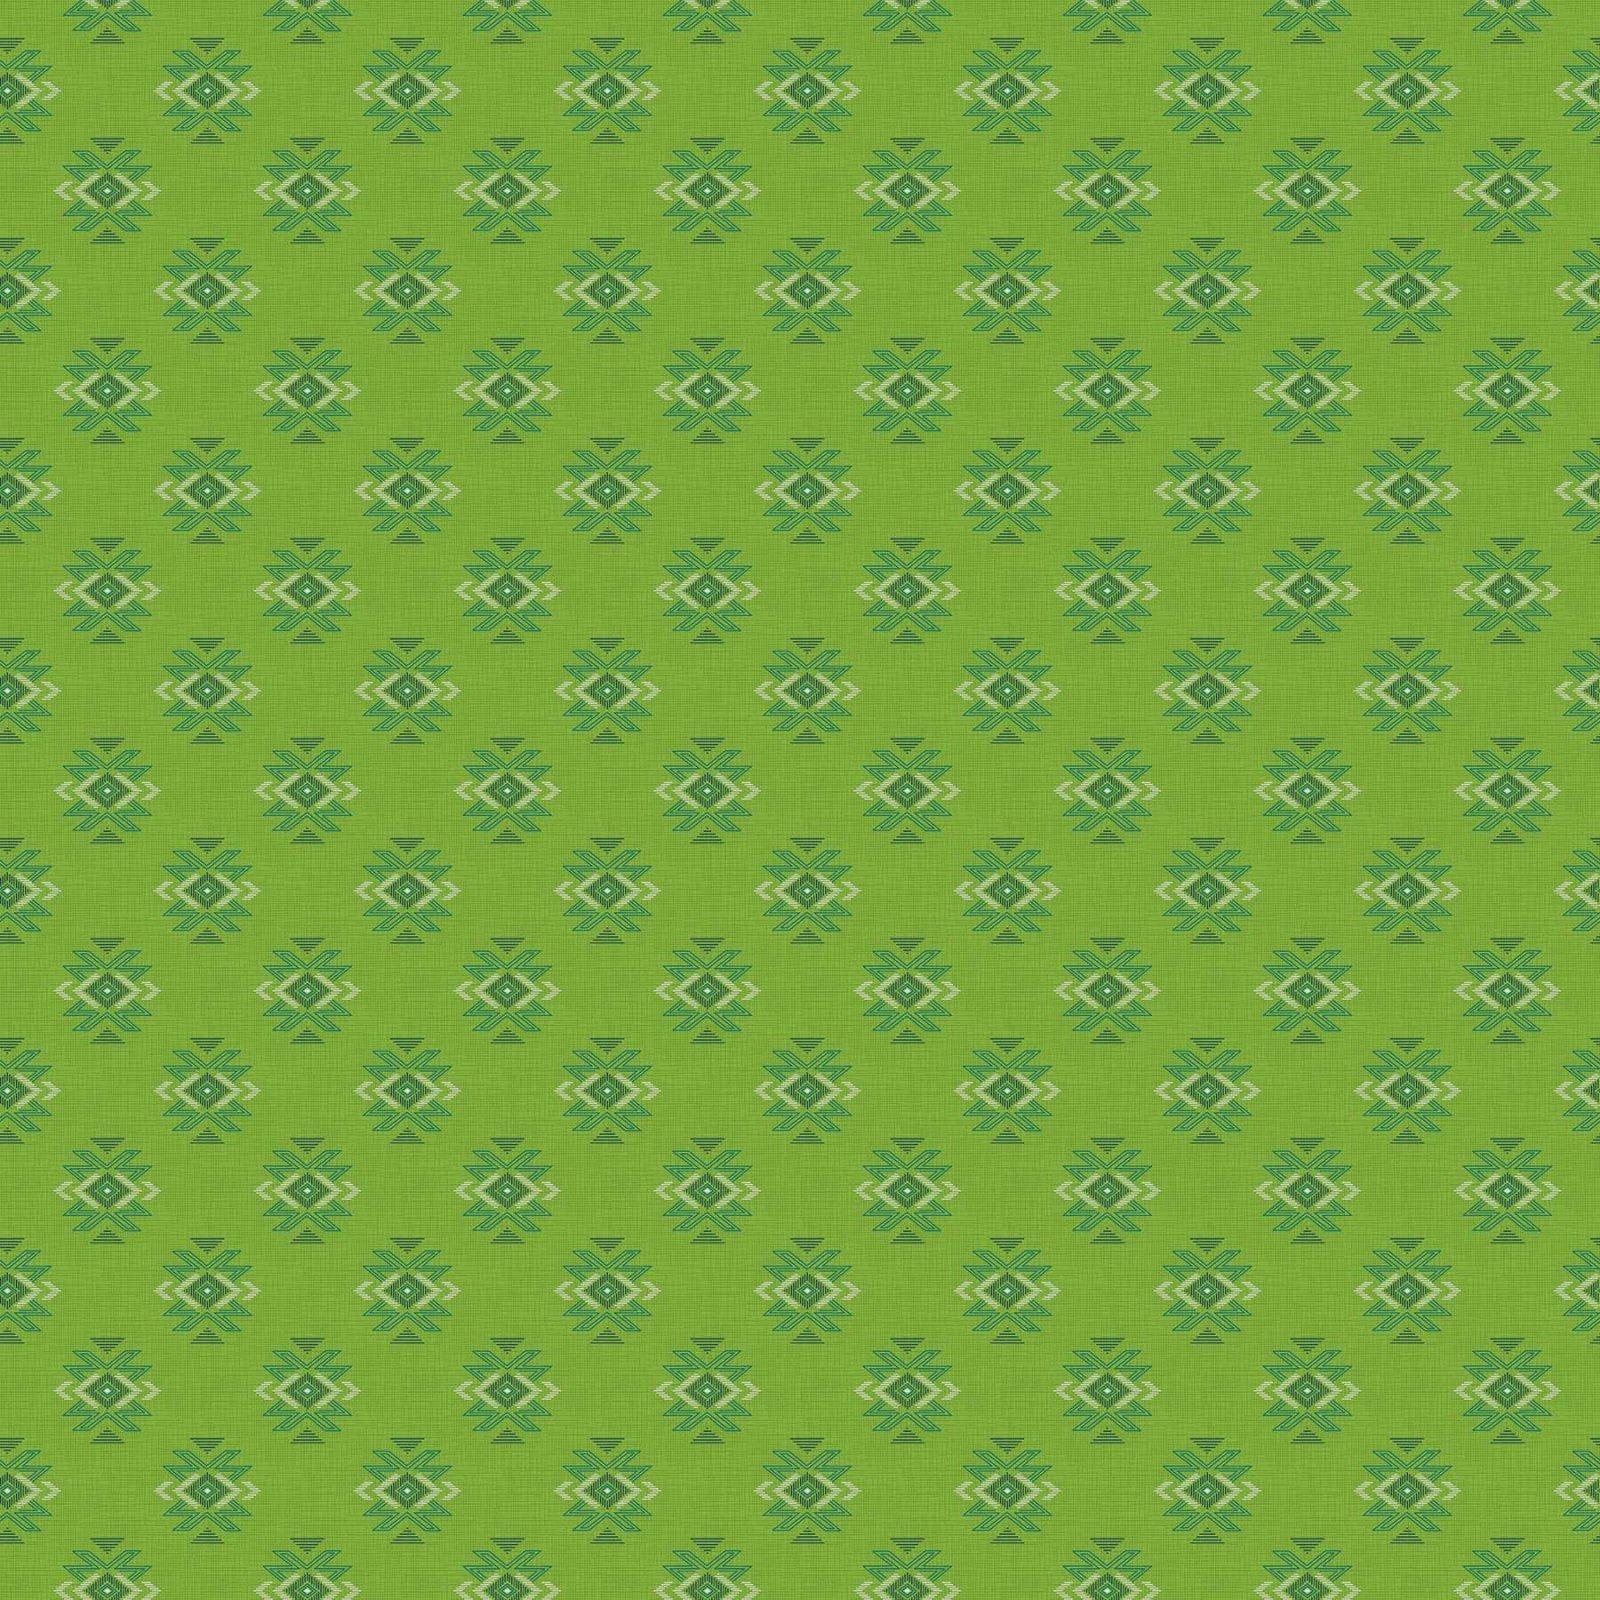 Nina Djuric Great Plains - Green Print - 22937-74